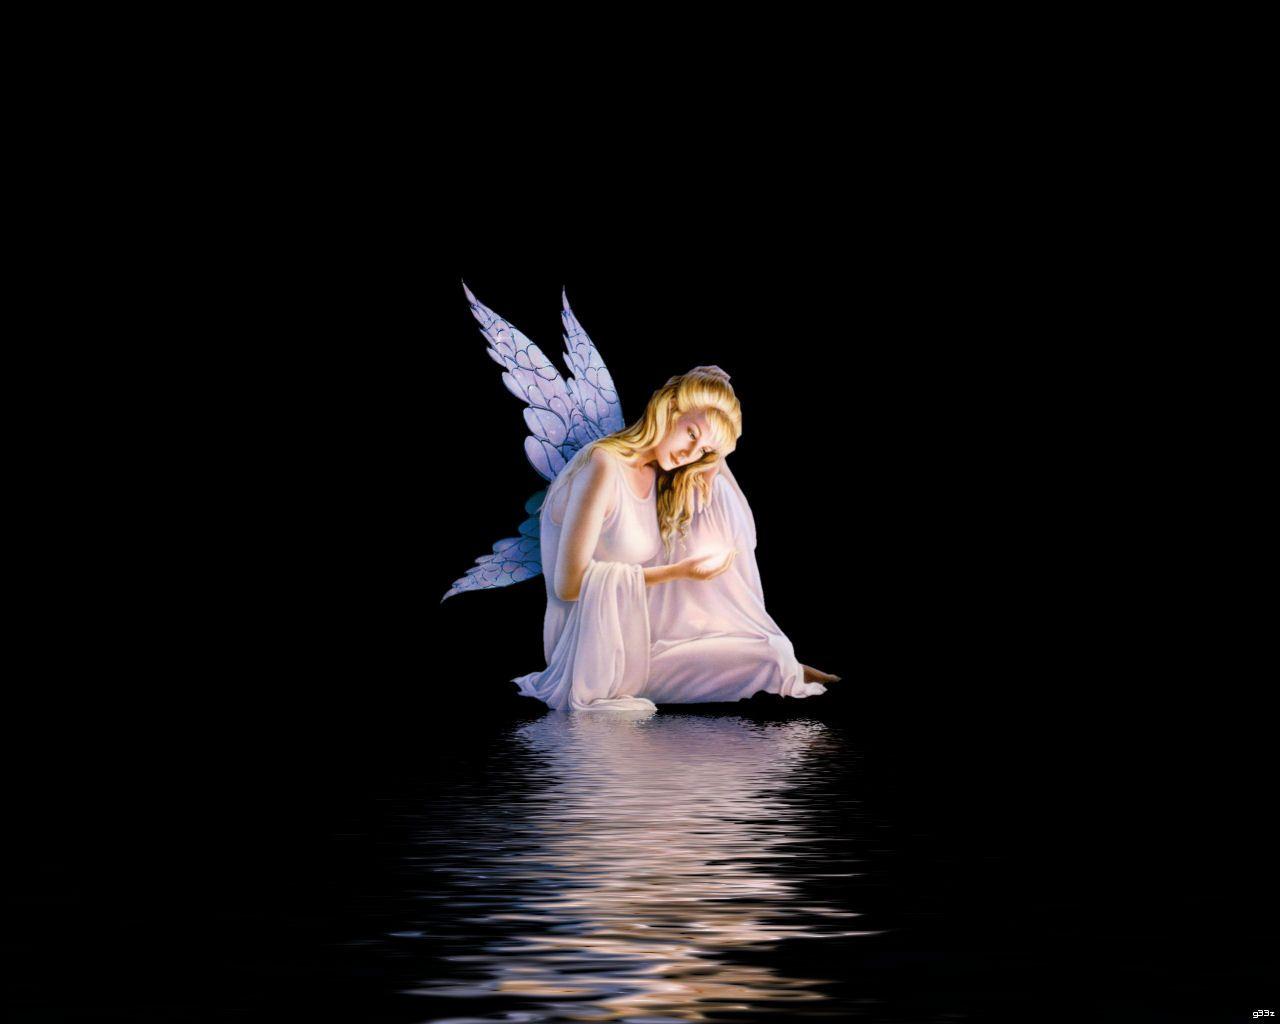 Lovely Angel Wallpaper Fairy Wallpaper Dark Angel Wallpaper